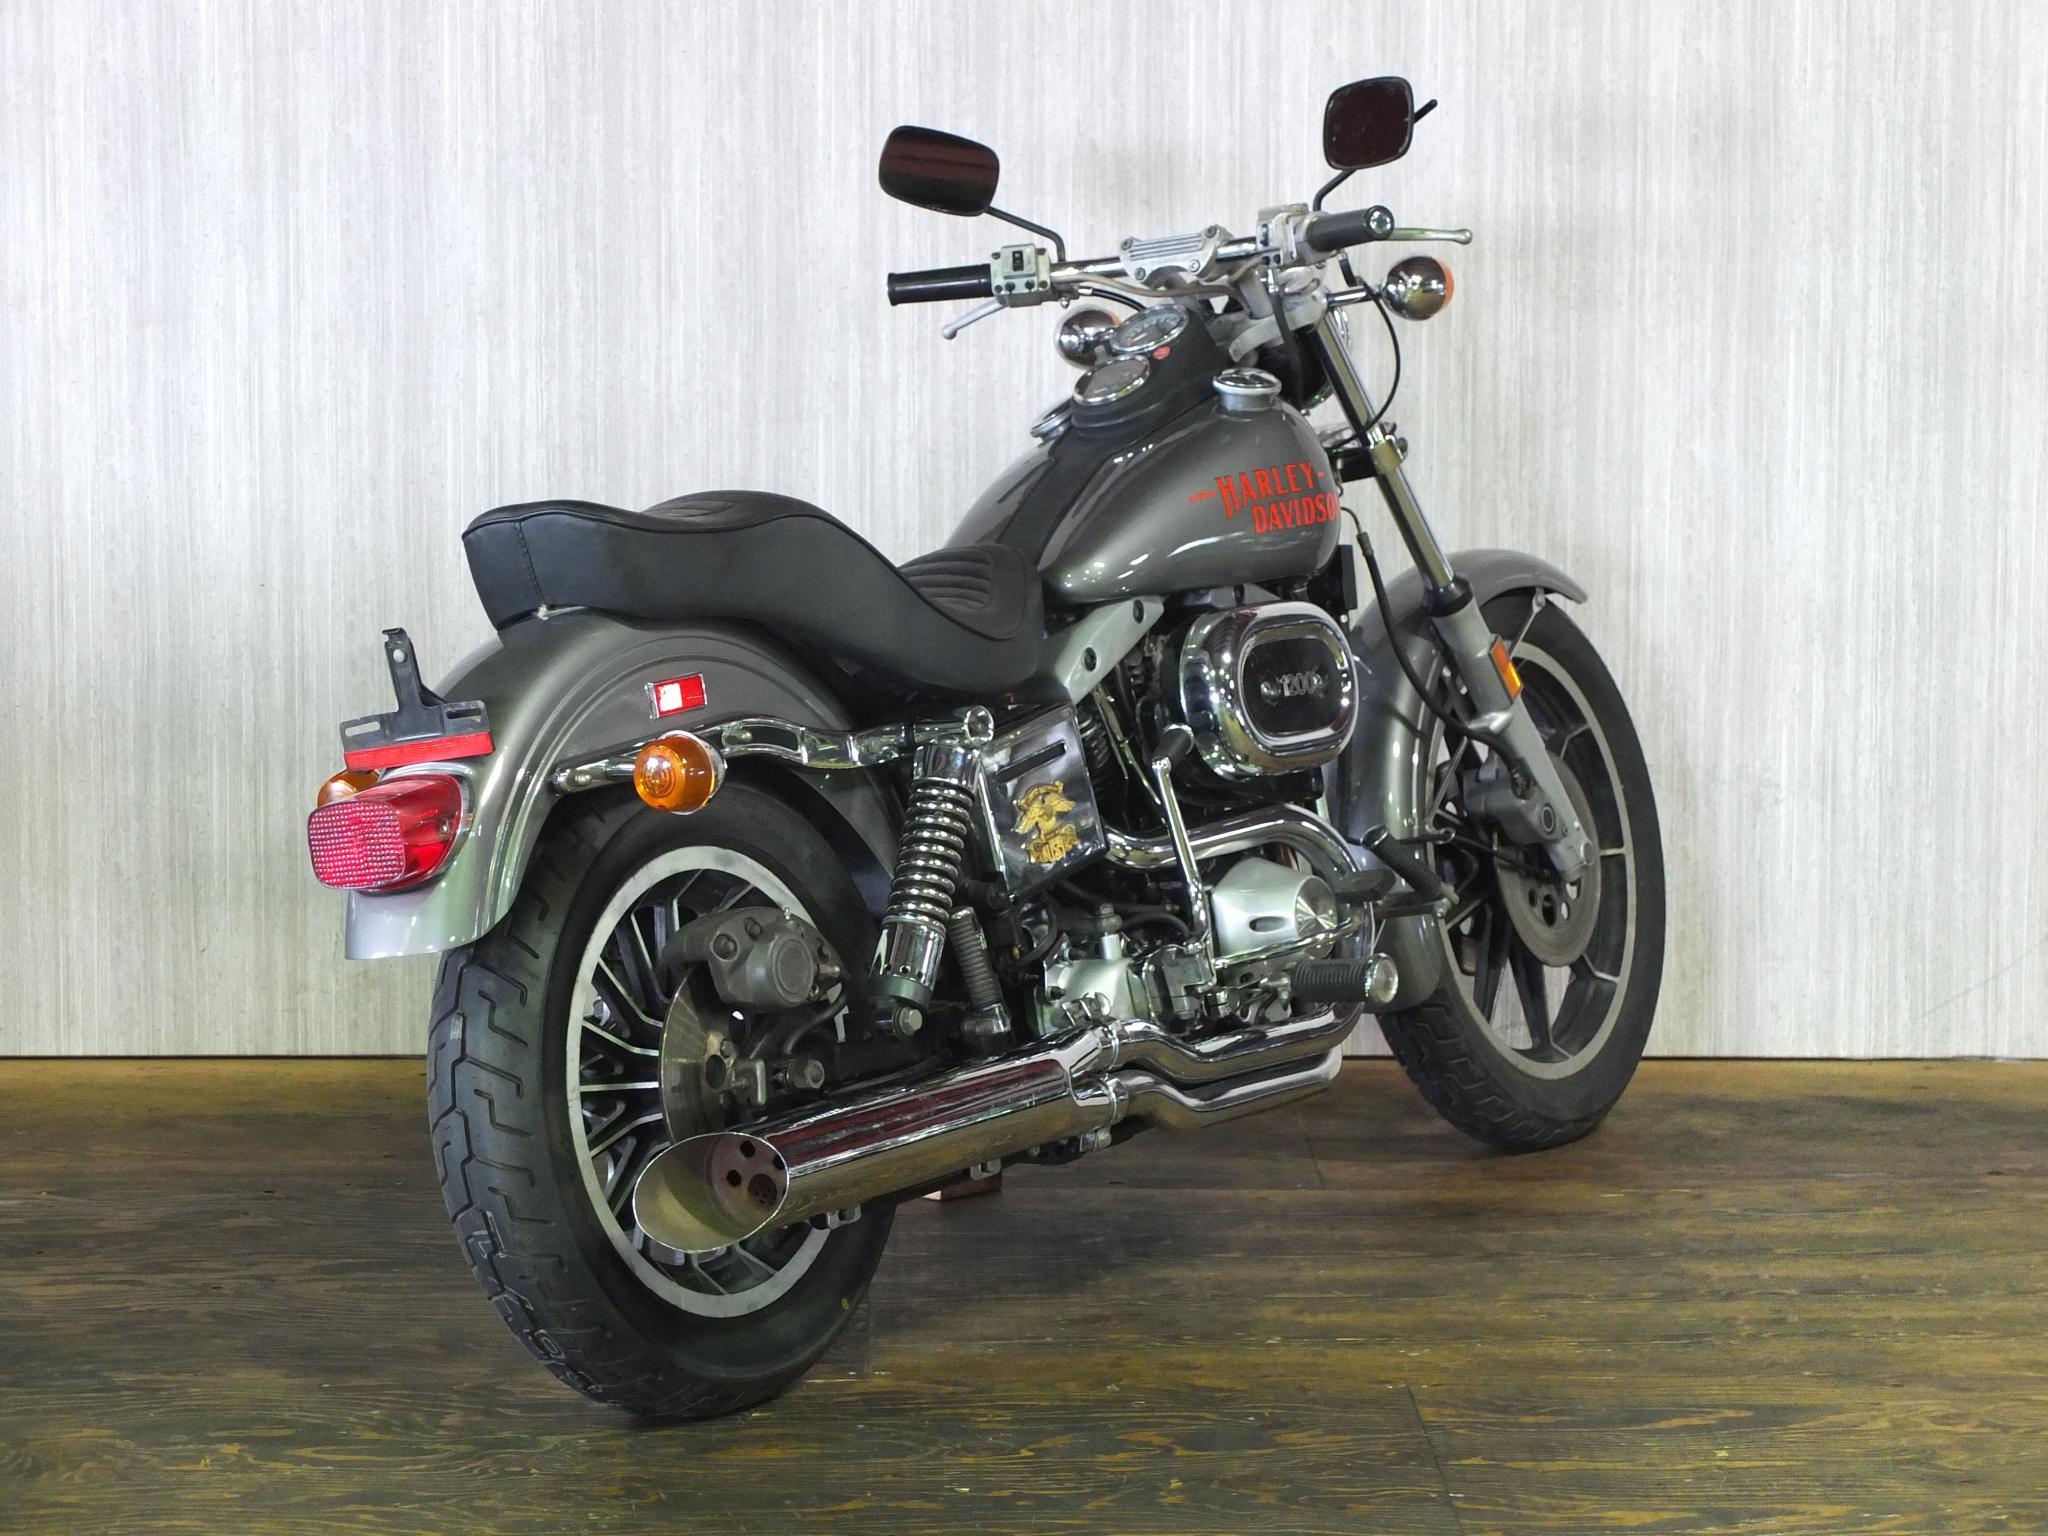 ハーレーダビッドソン 1977 FXS Low Rider 車体写真3